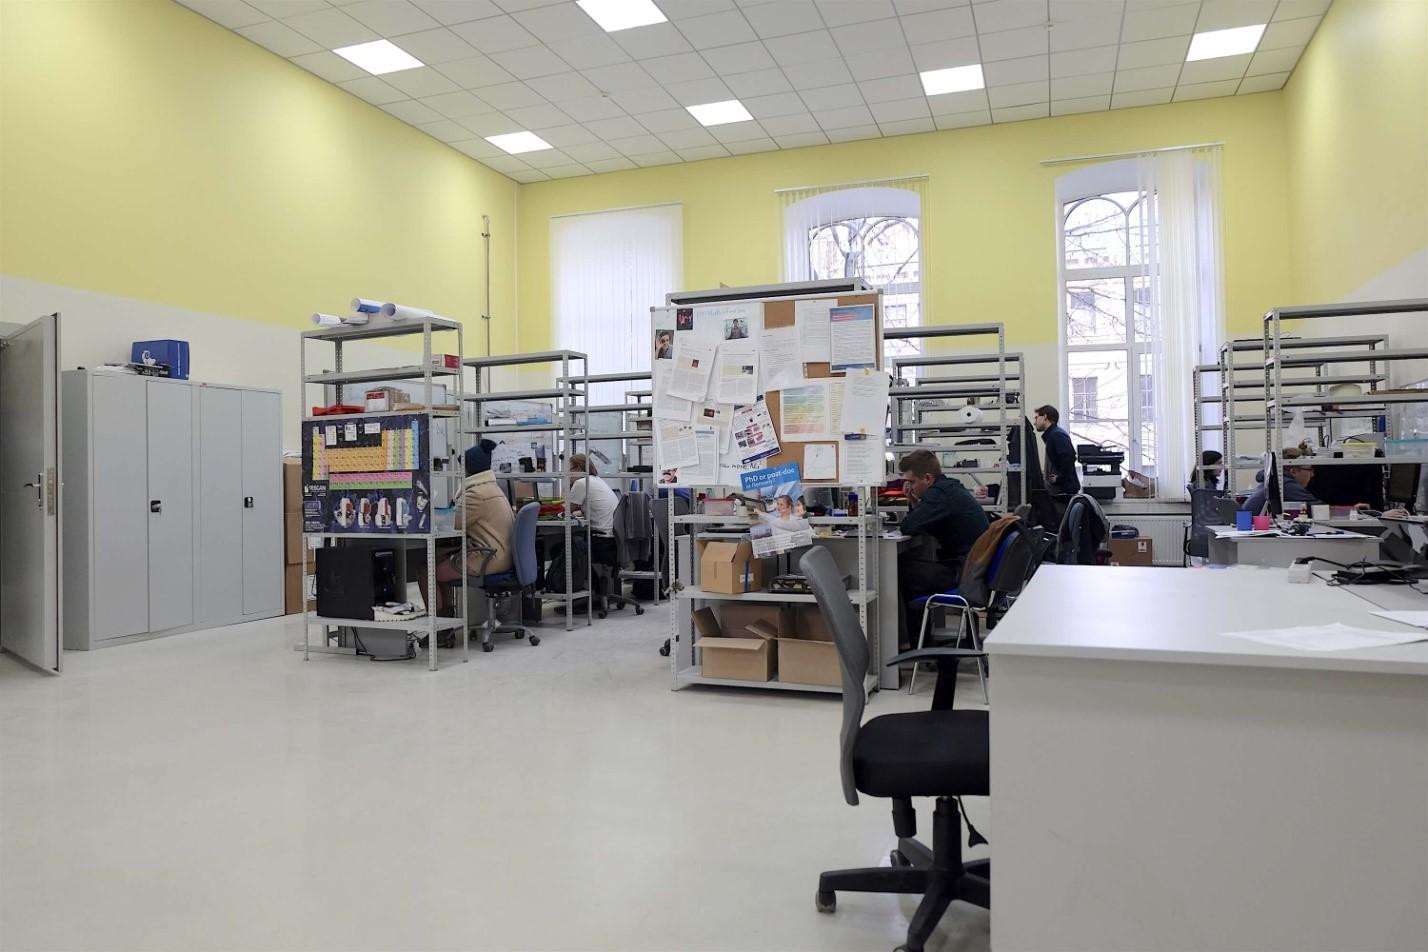 Фотоэкскурсия: что делают в лаборатории гибридной нанофотоники и оптоэлектроники Нового физтеха ИТМО - 22